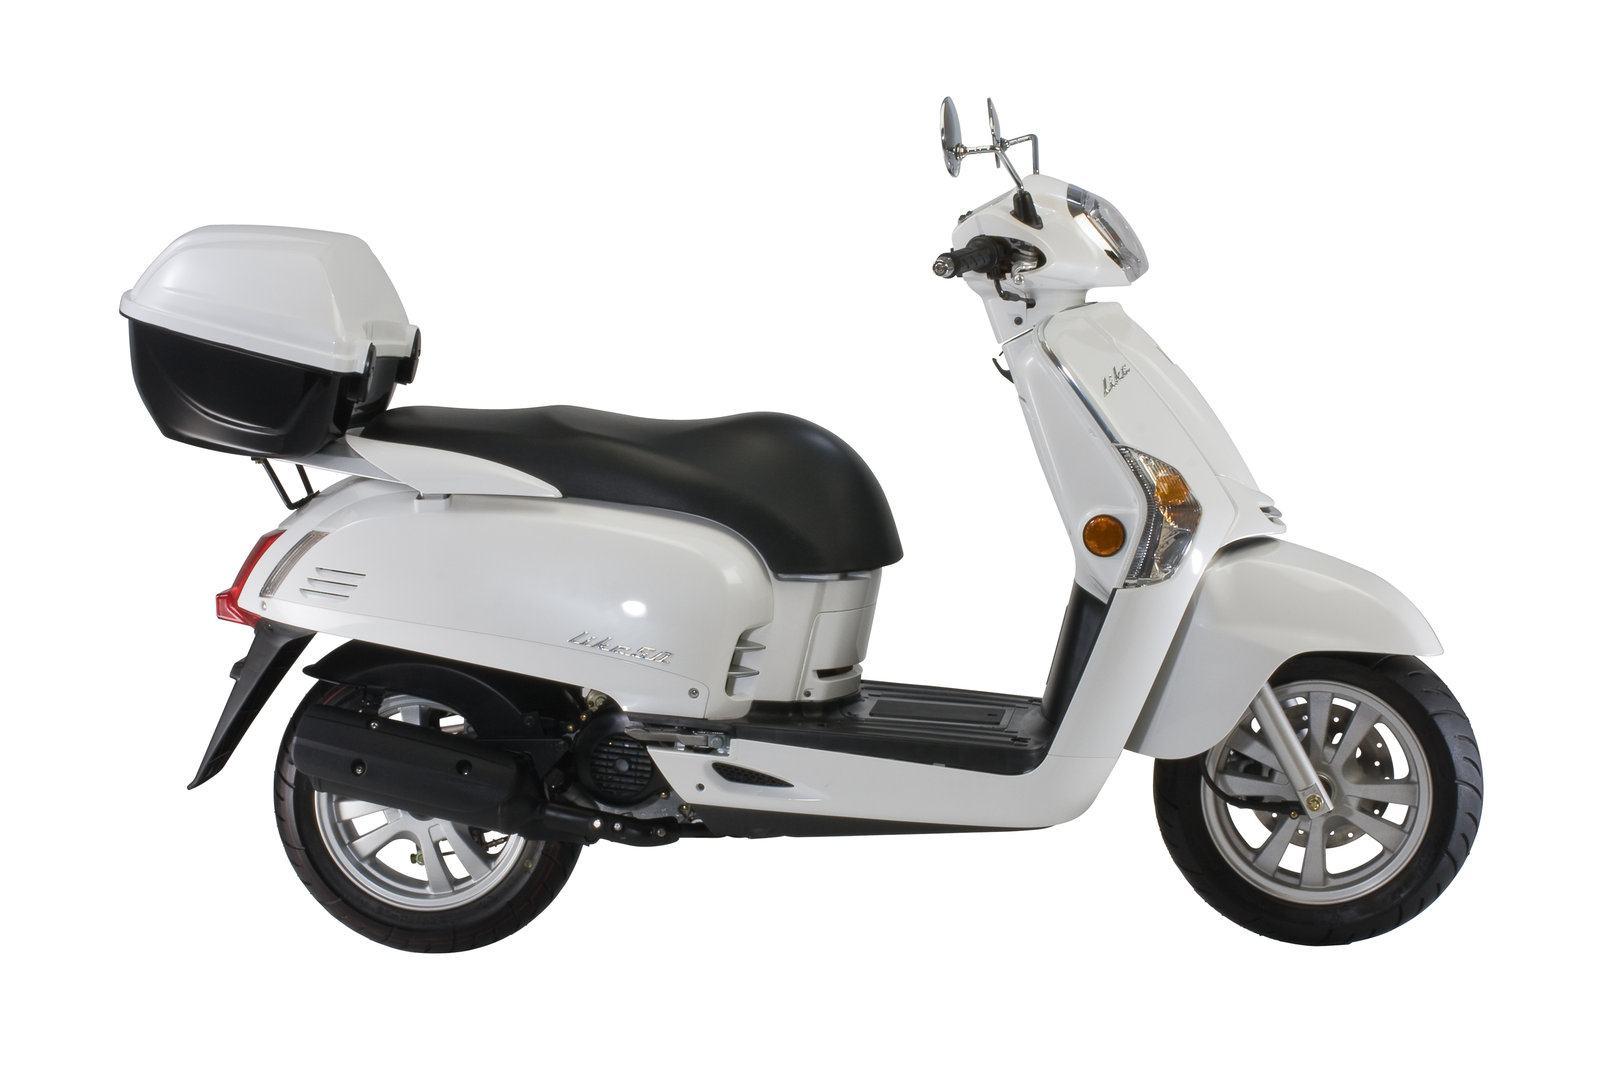 2010 kymco like 50 motorbike rentals. Black Bedroom Furniture Sets. Home Design Ideas